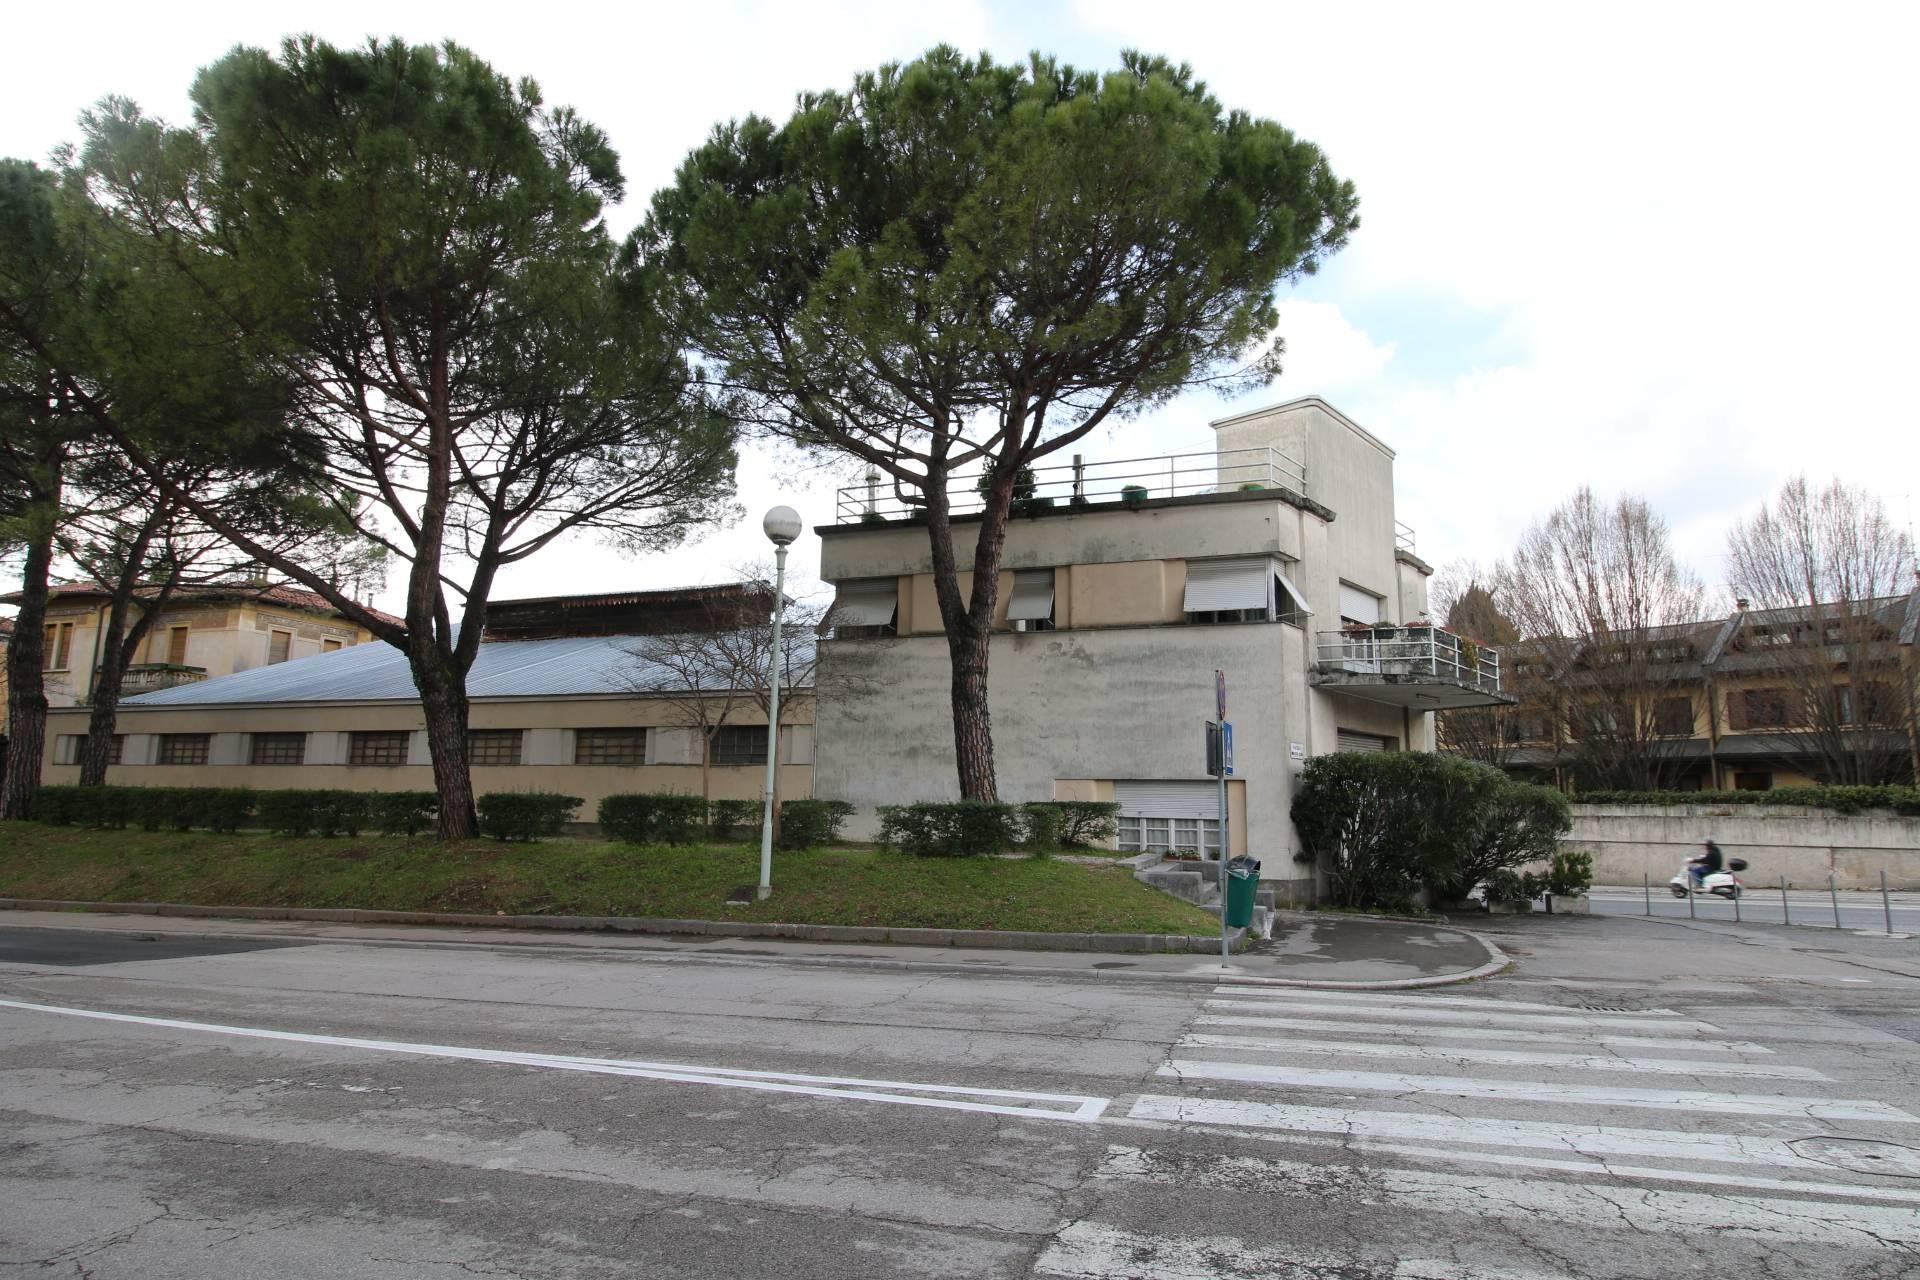 Magazzino in vendita a Gorizia, 9999 locali, prezzo € 450.000 | CambioCasa.it